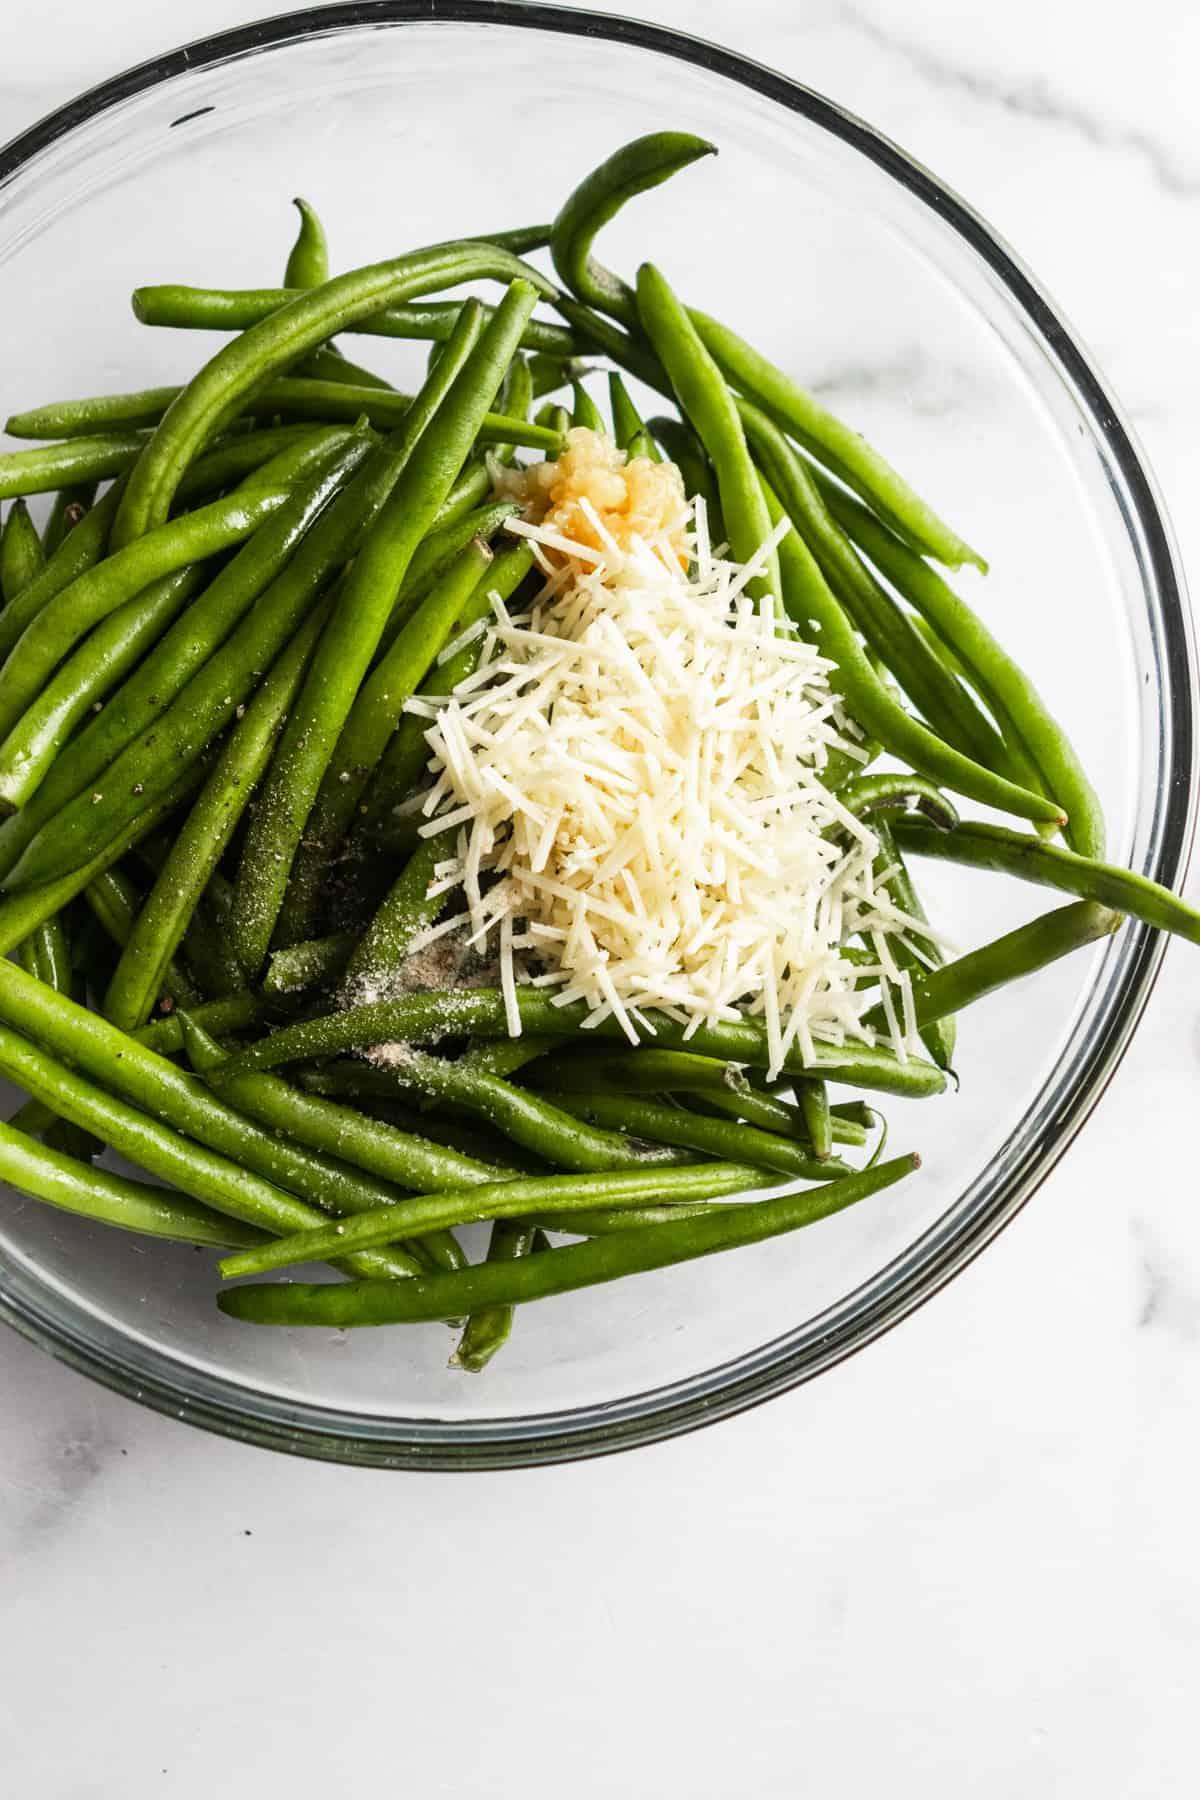 Ingredients to make parmesan green beans.